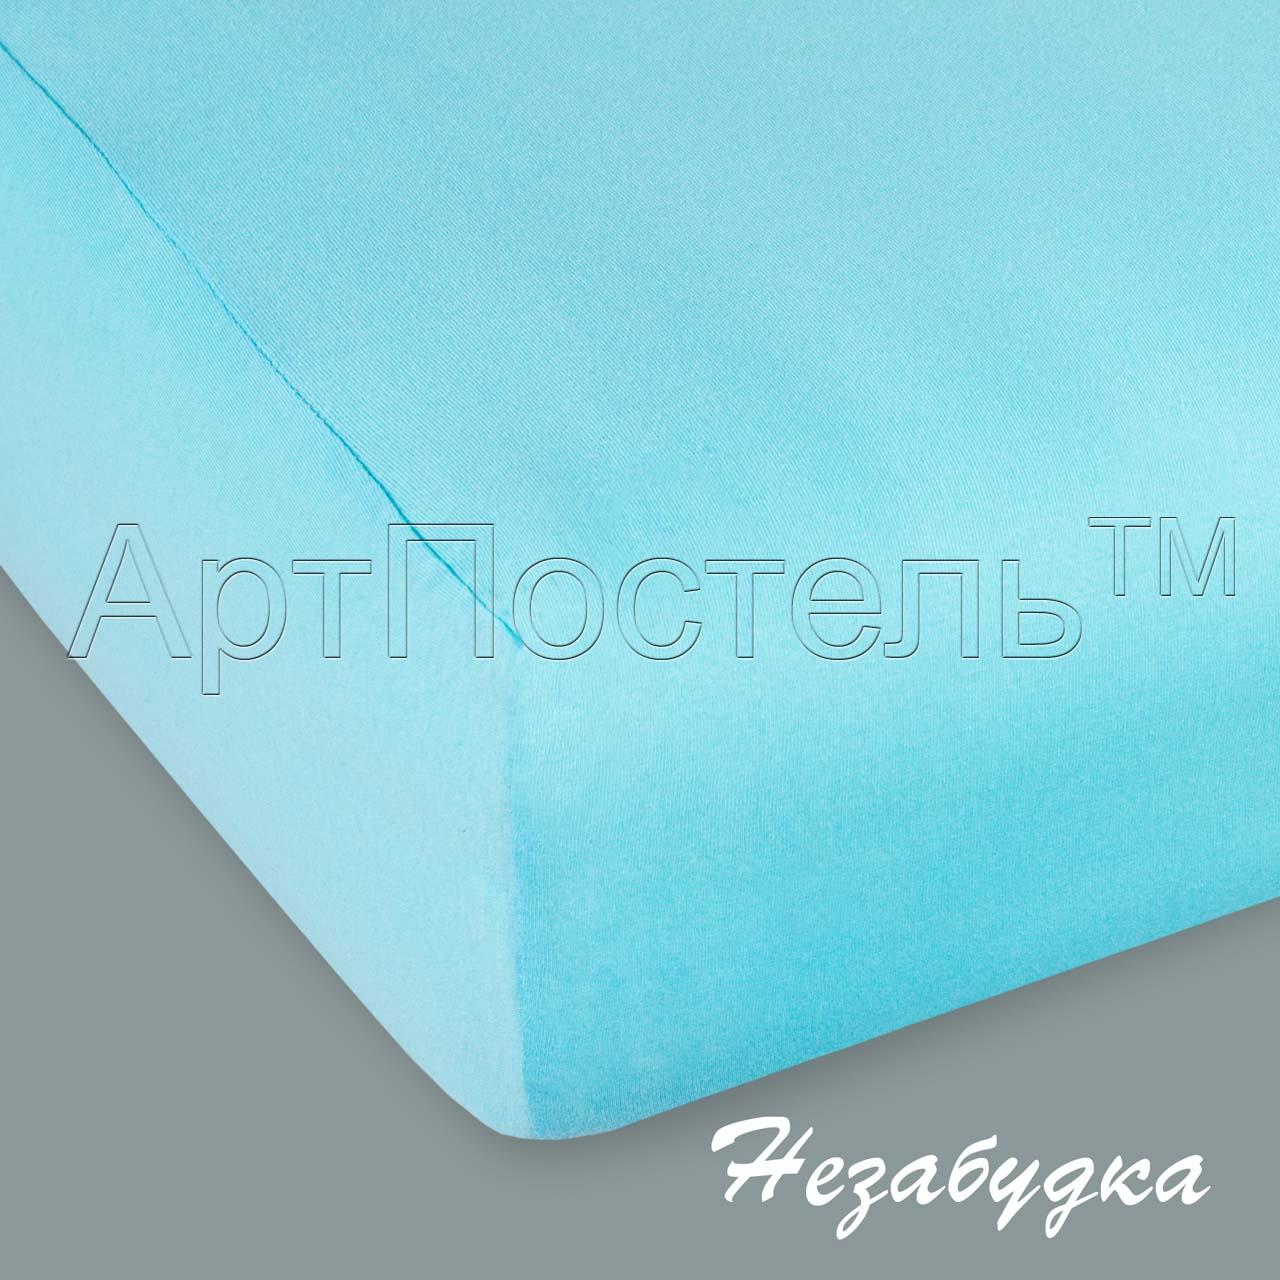 Простыня на резинке Незабудка, размер 160х200 смПростыни<br>Плотность ткани:145 г/кв. м<br>Высота матраса:20 см<br><br>Тип: Простыня<br>Размер: 160х200<br>Материал: Кулирка